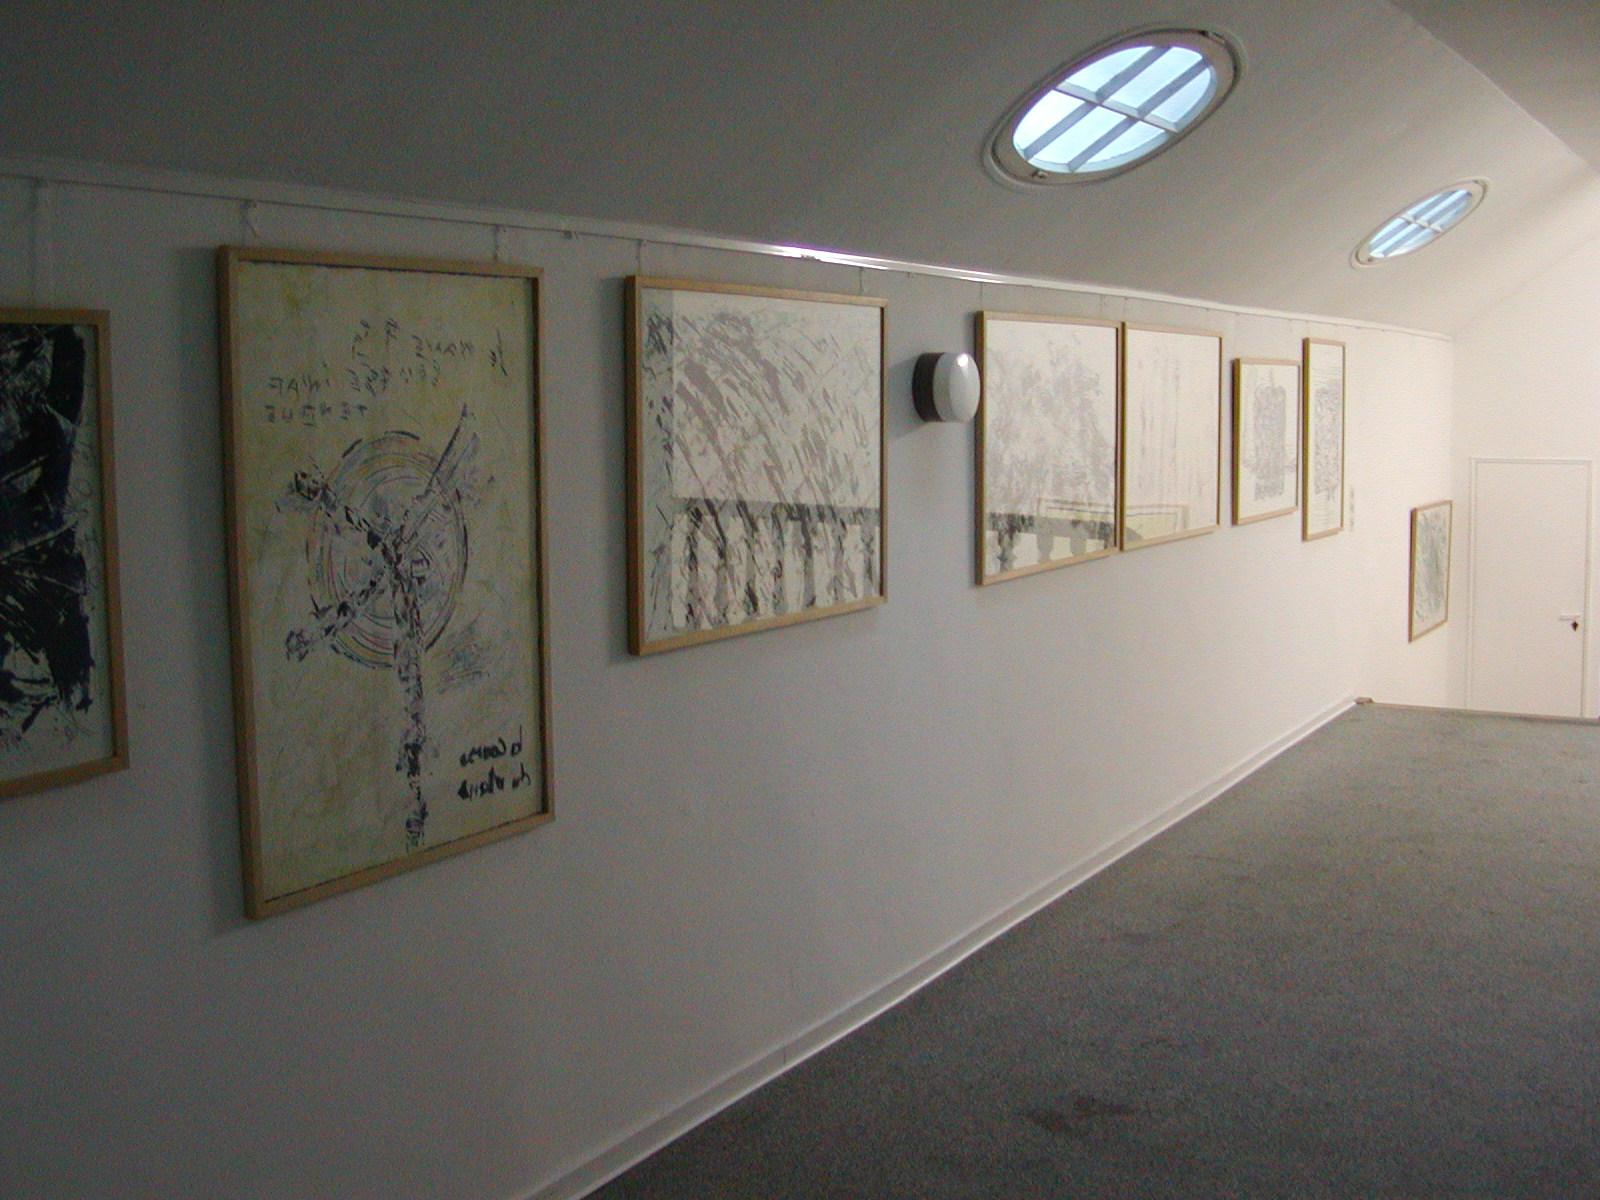 KunstwerkKöln 2004